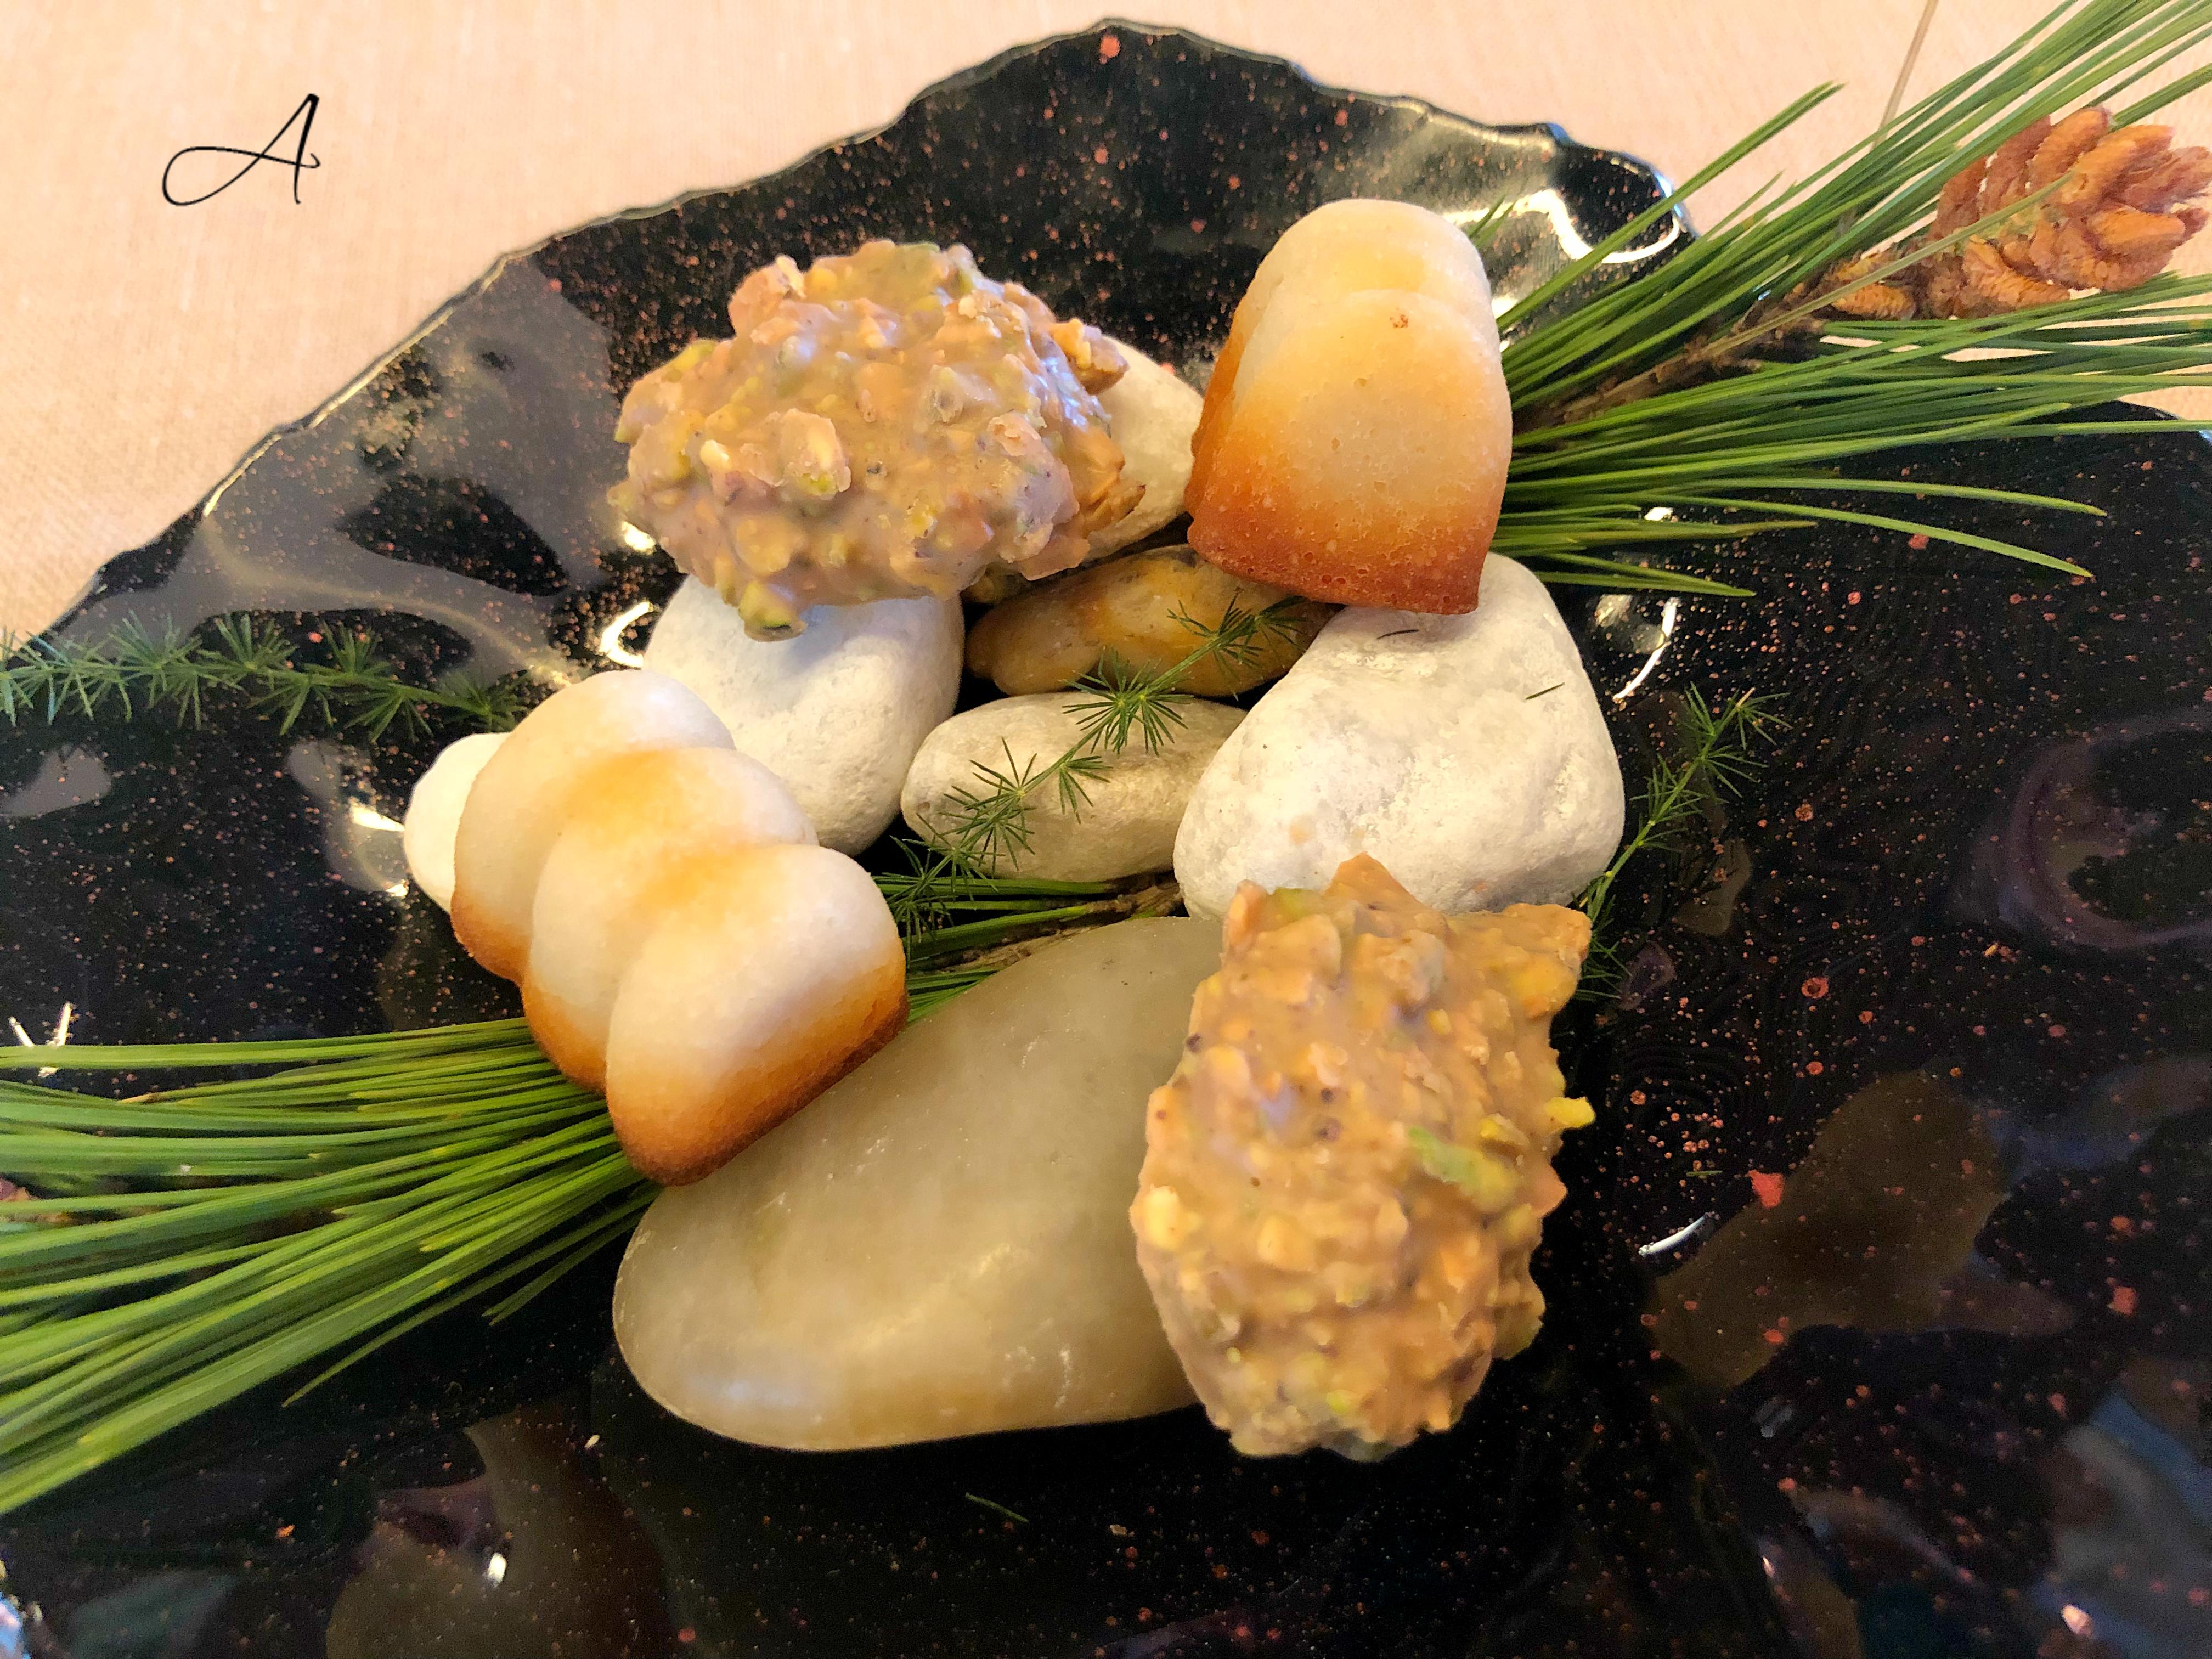 Bombones de crujiente de pistacho y financier de bizcocho de almendra y plátano